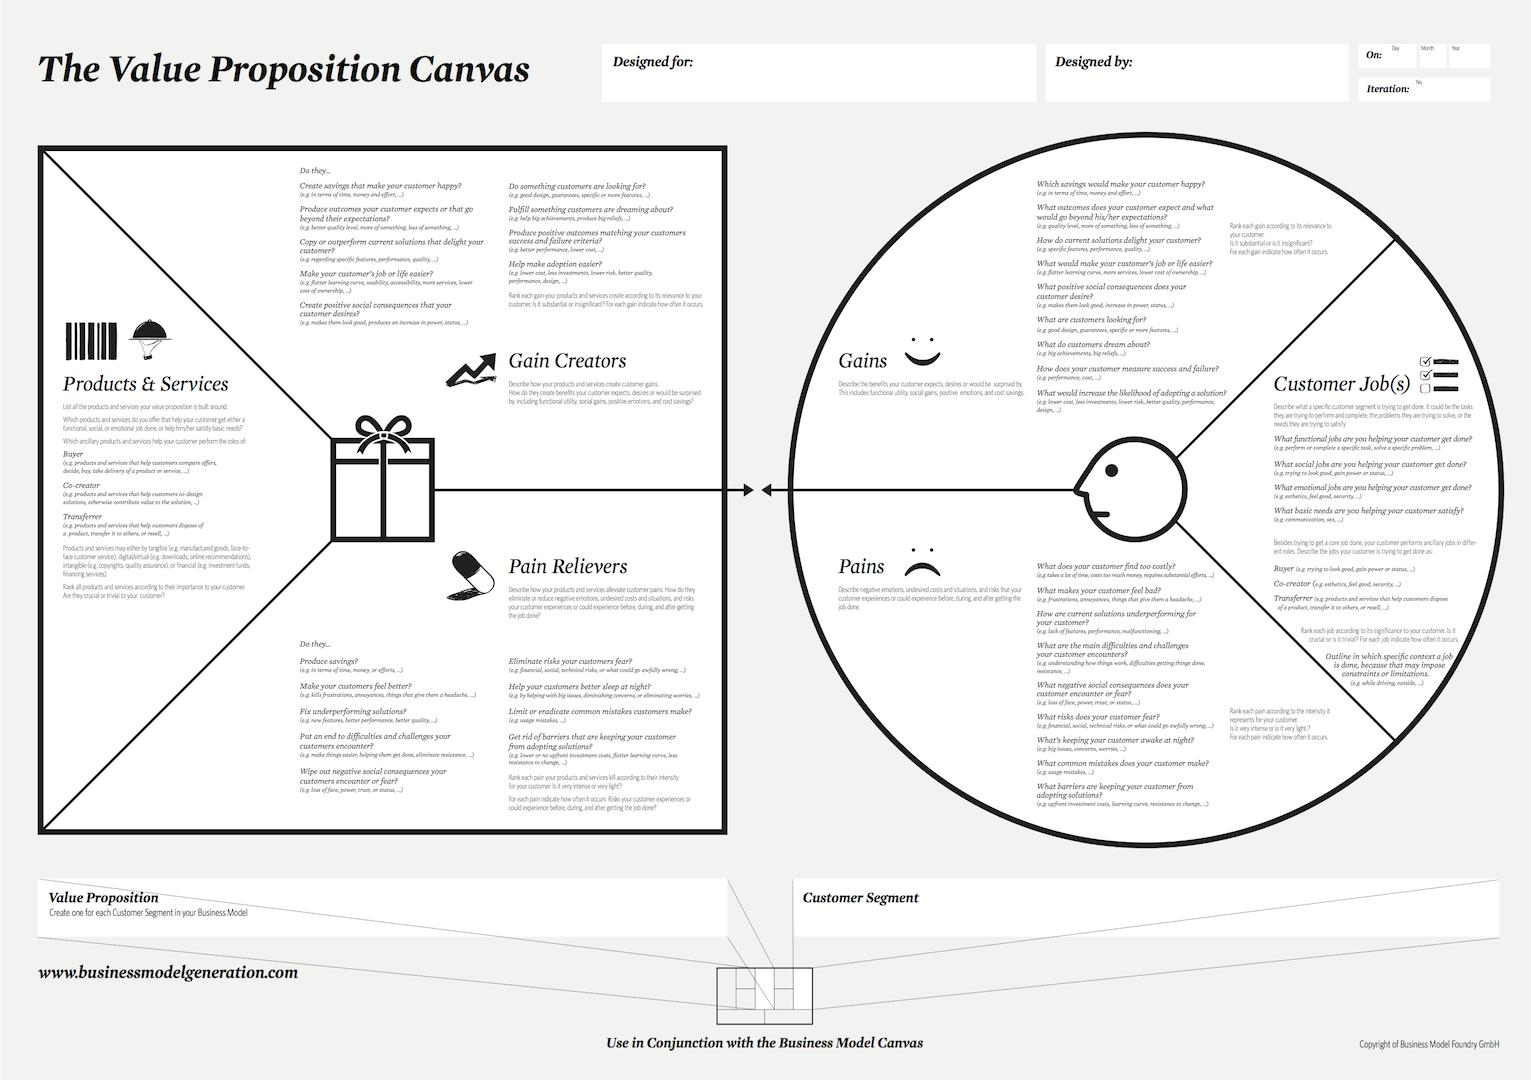 Management Amp Business Value Proposition Canvas Template